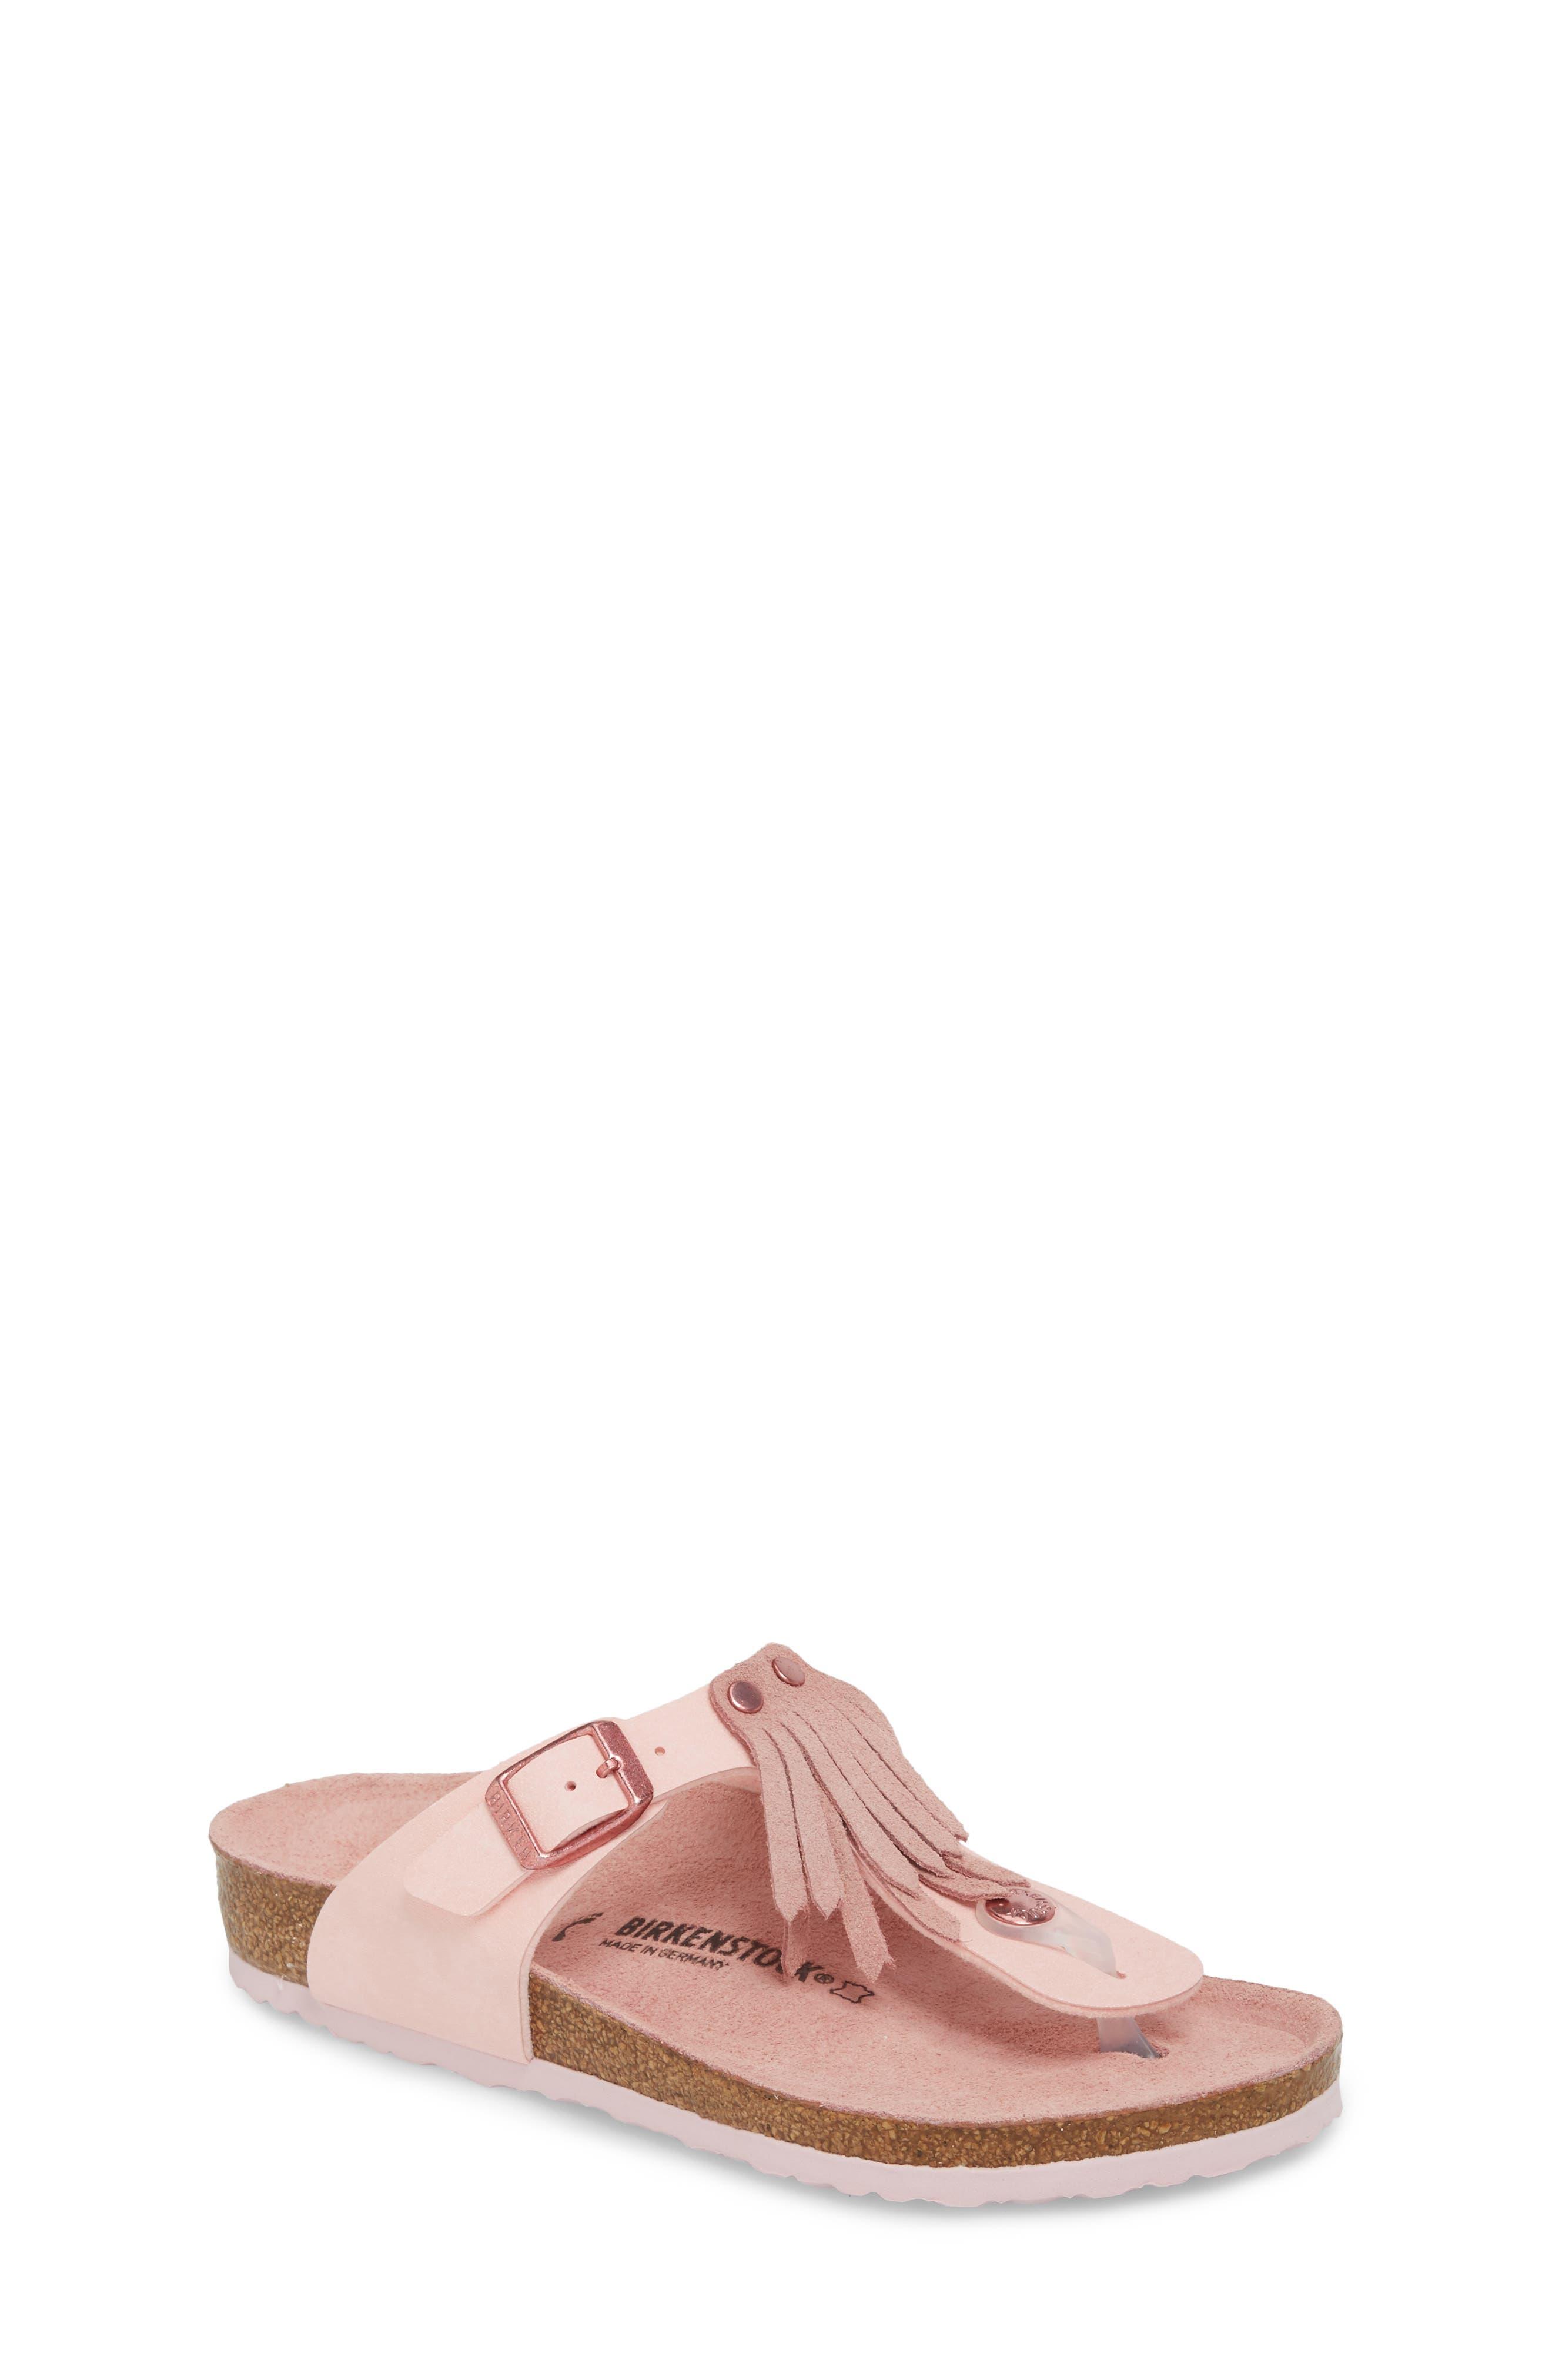 Gizeh Fringe Sandal,                         Main,                         color, Rose